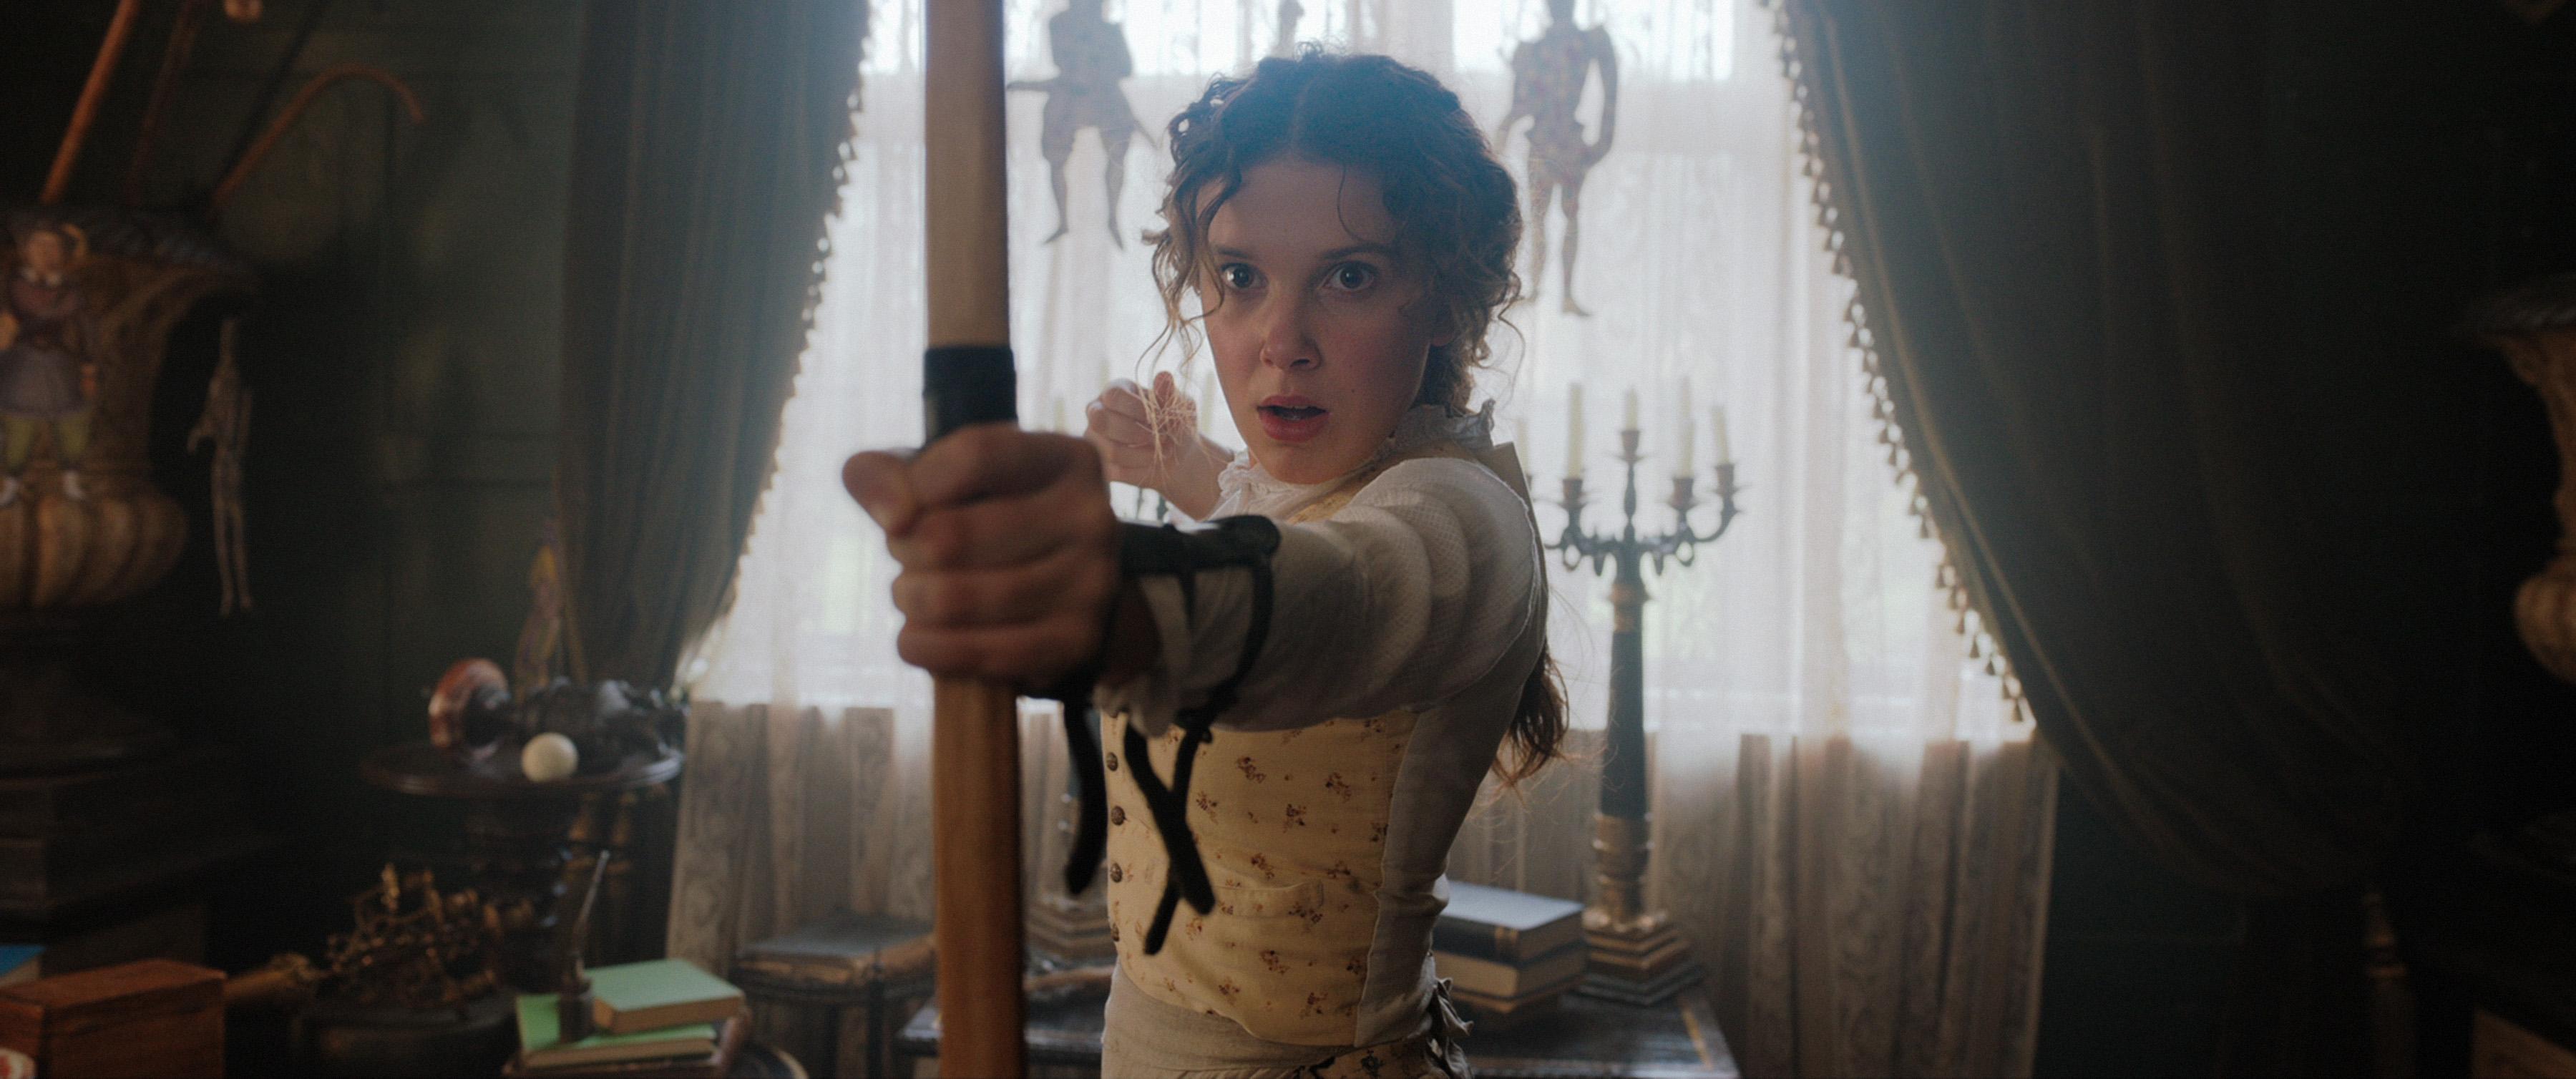 2020 Netflix filmlerinin arasında çok konuşulanlardan biri Enola Holmes Bilgiliyorum.com